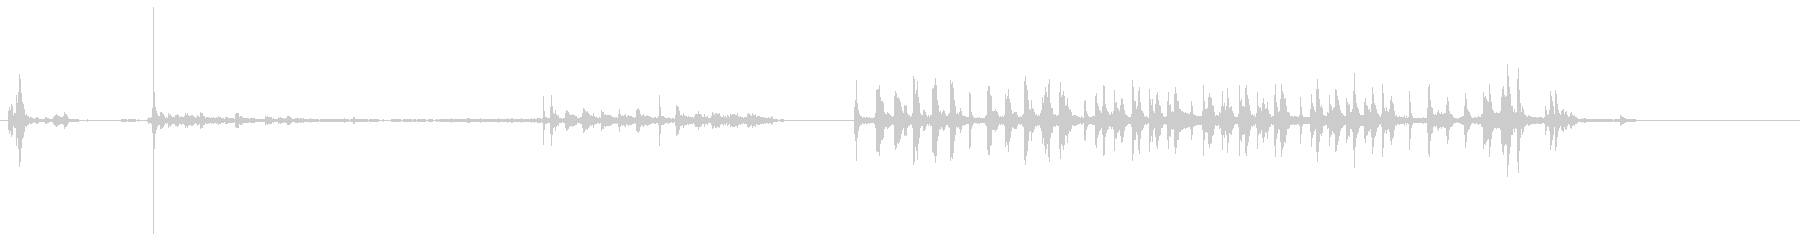 ピンボールマシン:1956:ロング...の未再生の波形